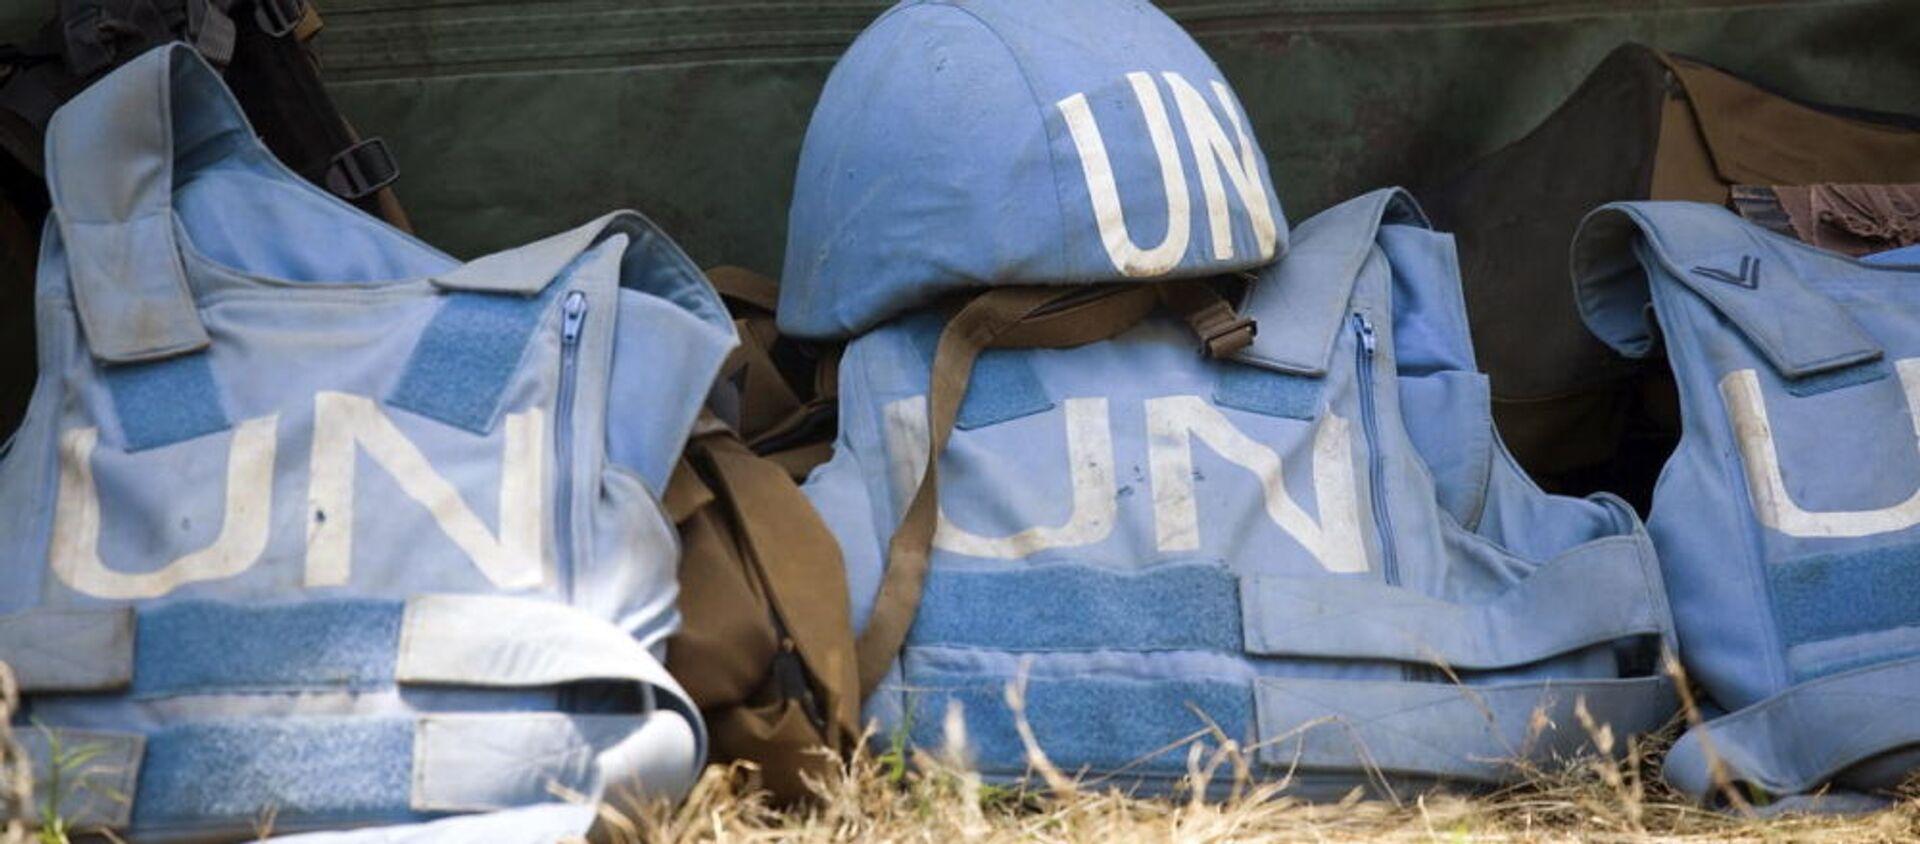 Шлем и бронежилеты миротворцев ООН - Sputnik Italia, 1920, 23.02.2021